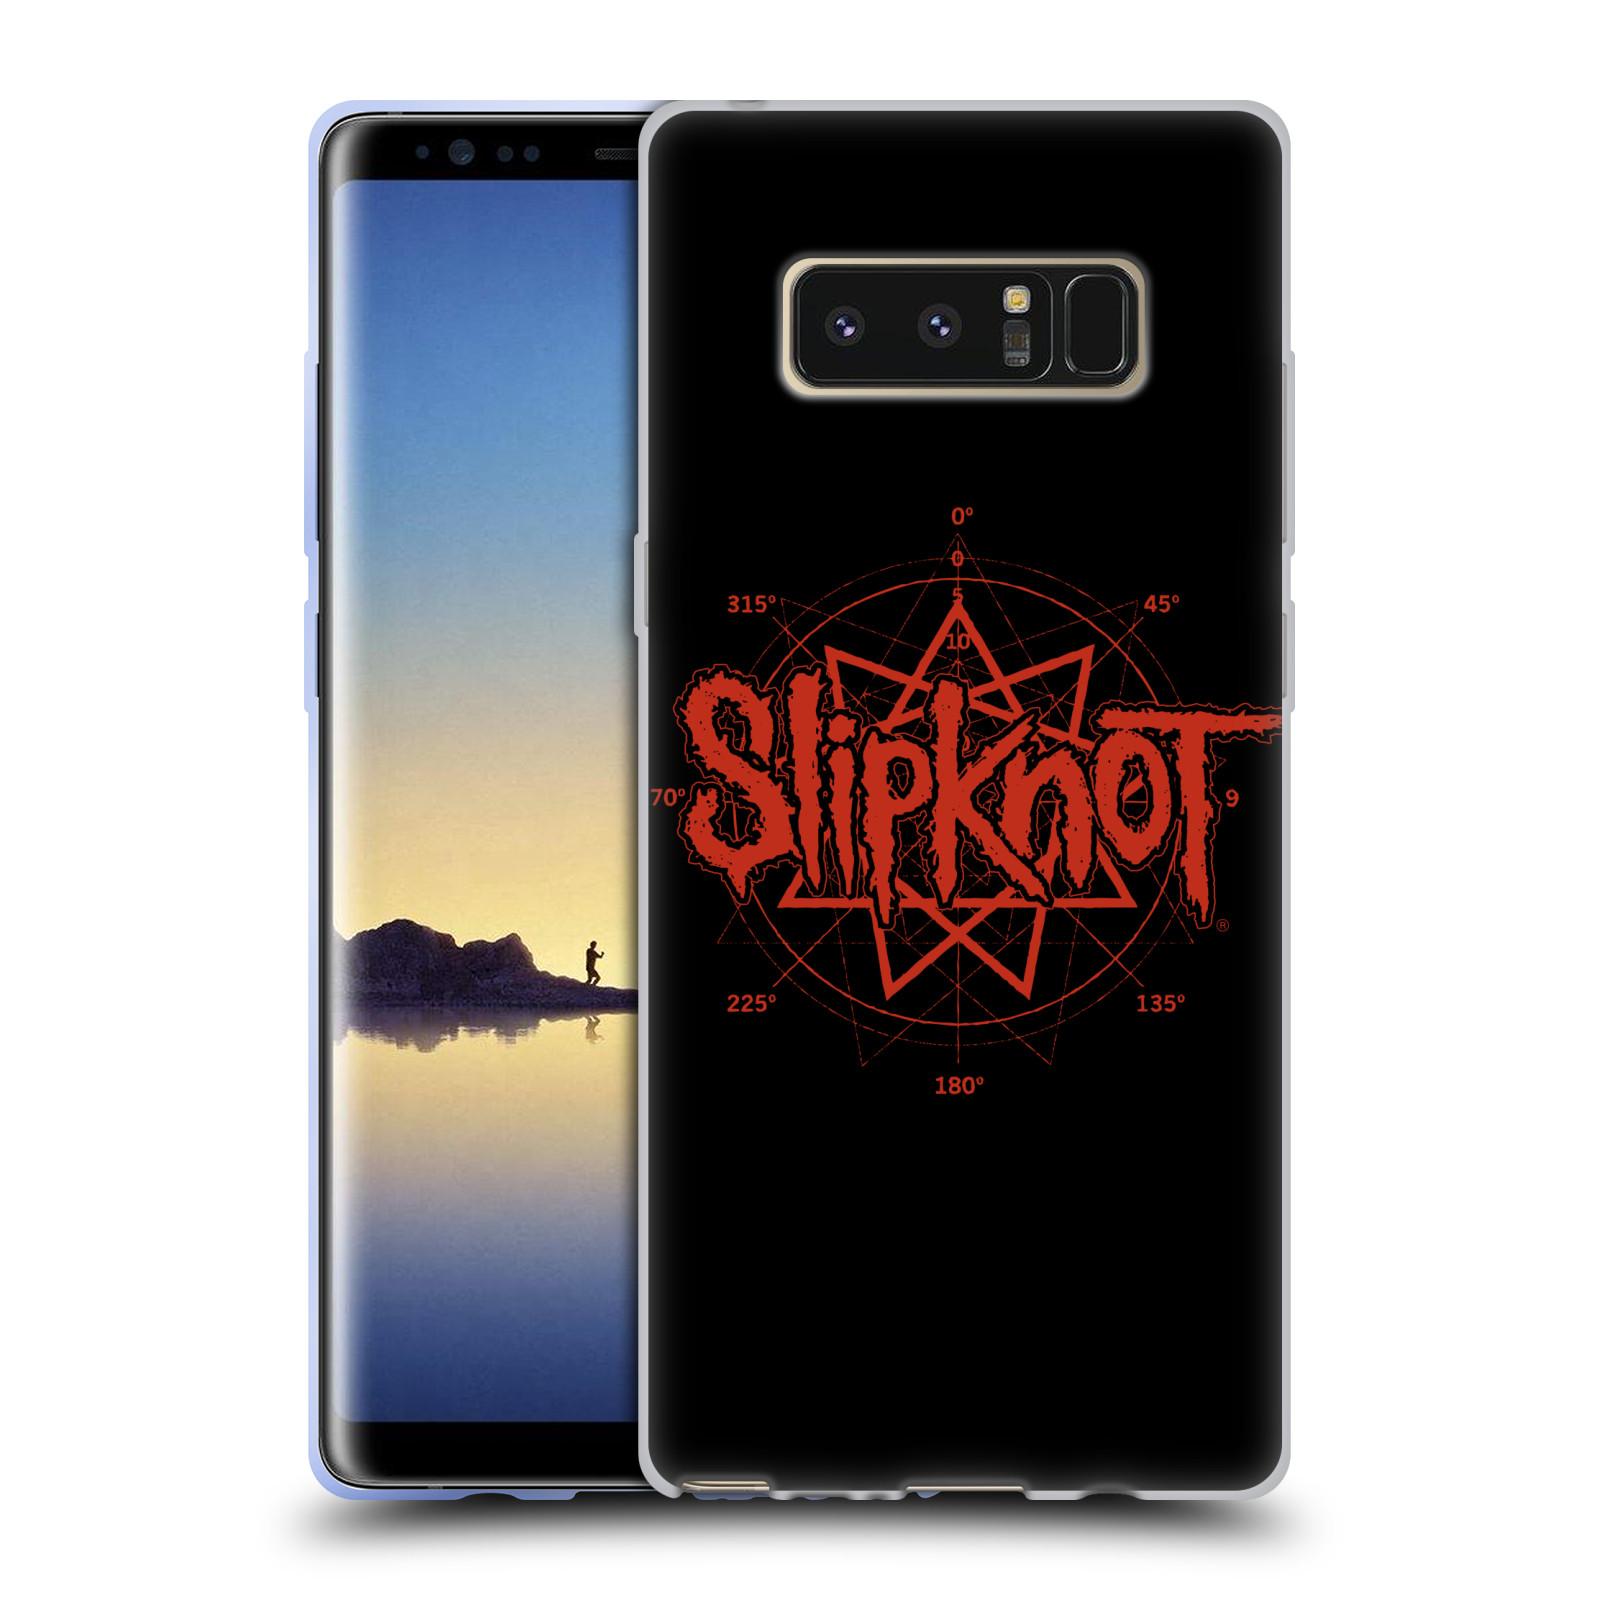 HEAD CASE silikonový obal na mobil Samsung Galaxy Note 8 hudební skupina Slipknot logo